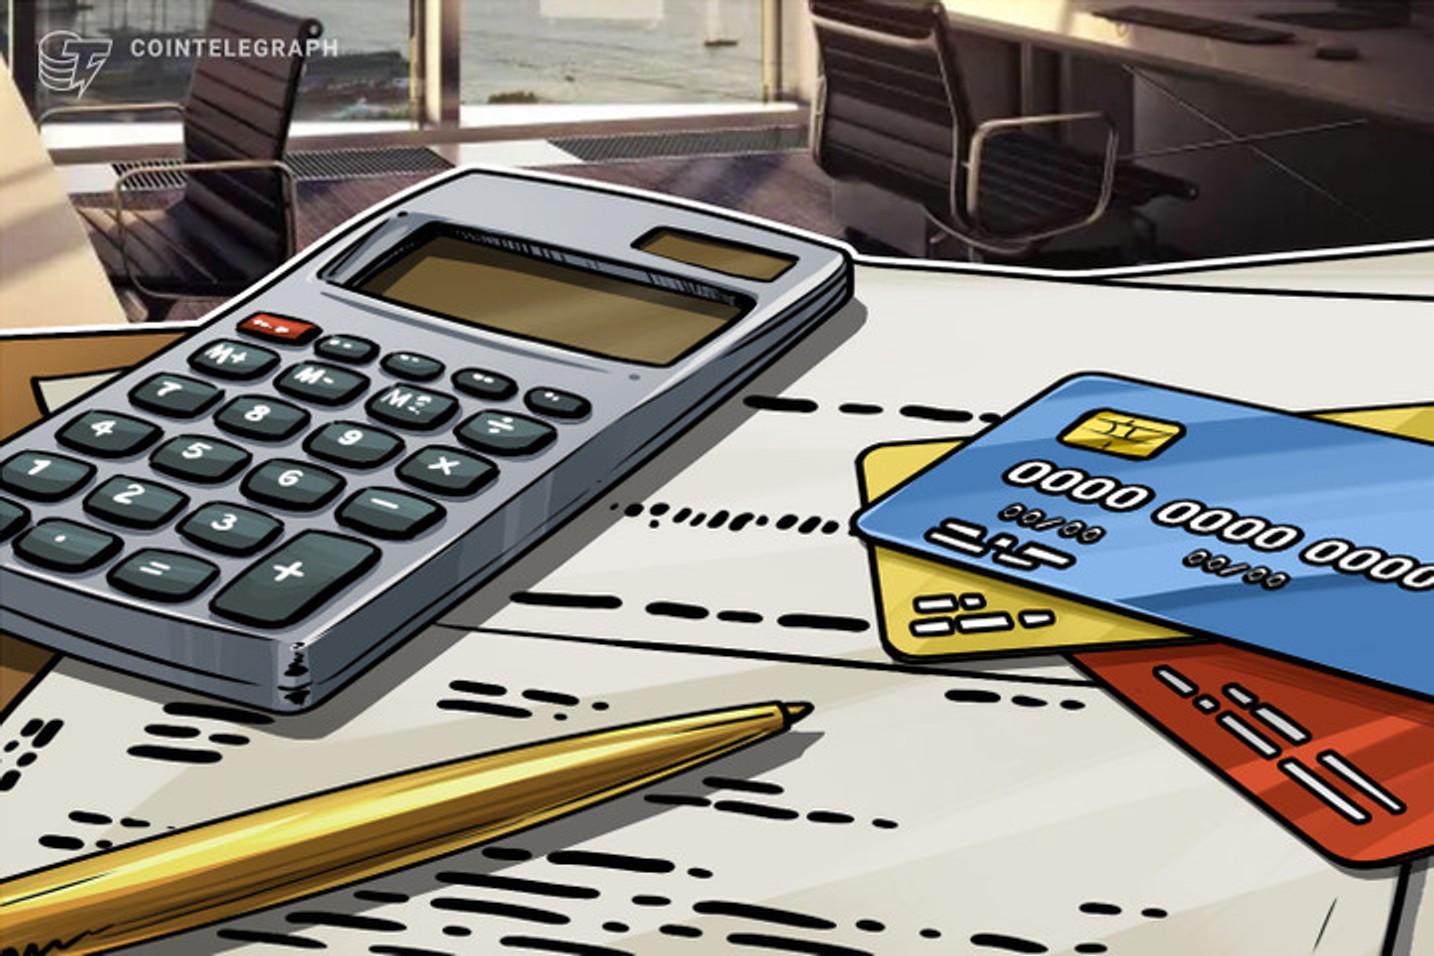 ¿Cuál es la utilidad y el valor de las tarjetas de débito con criptomonedas?